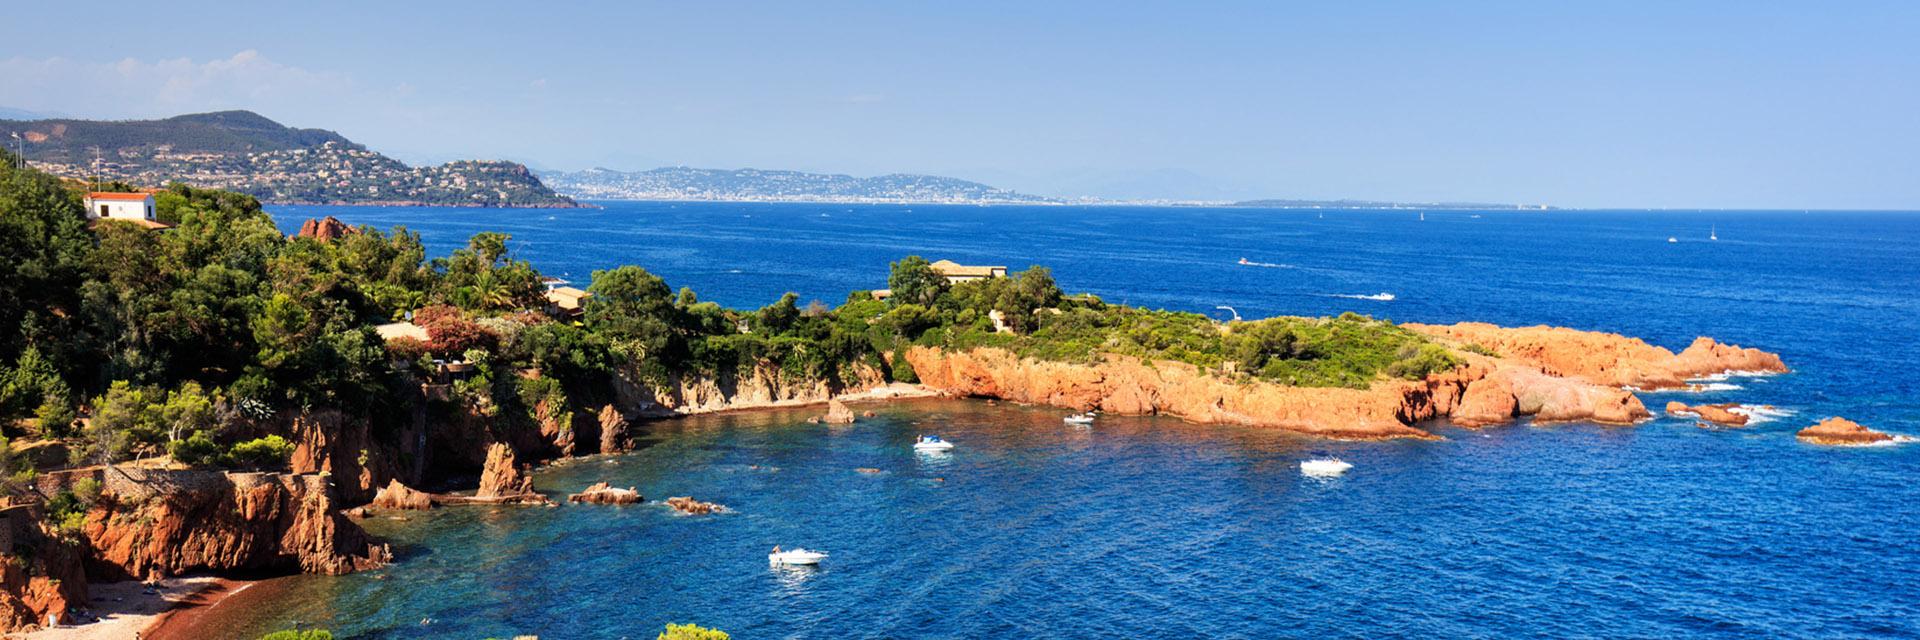 Vacances en groupe en Côte d'Azur et Méditerranée